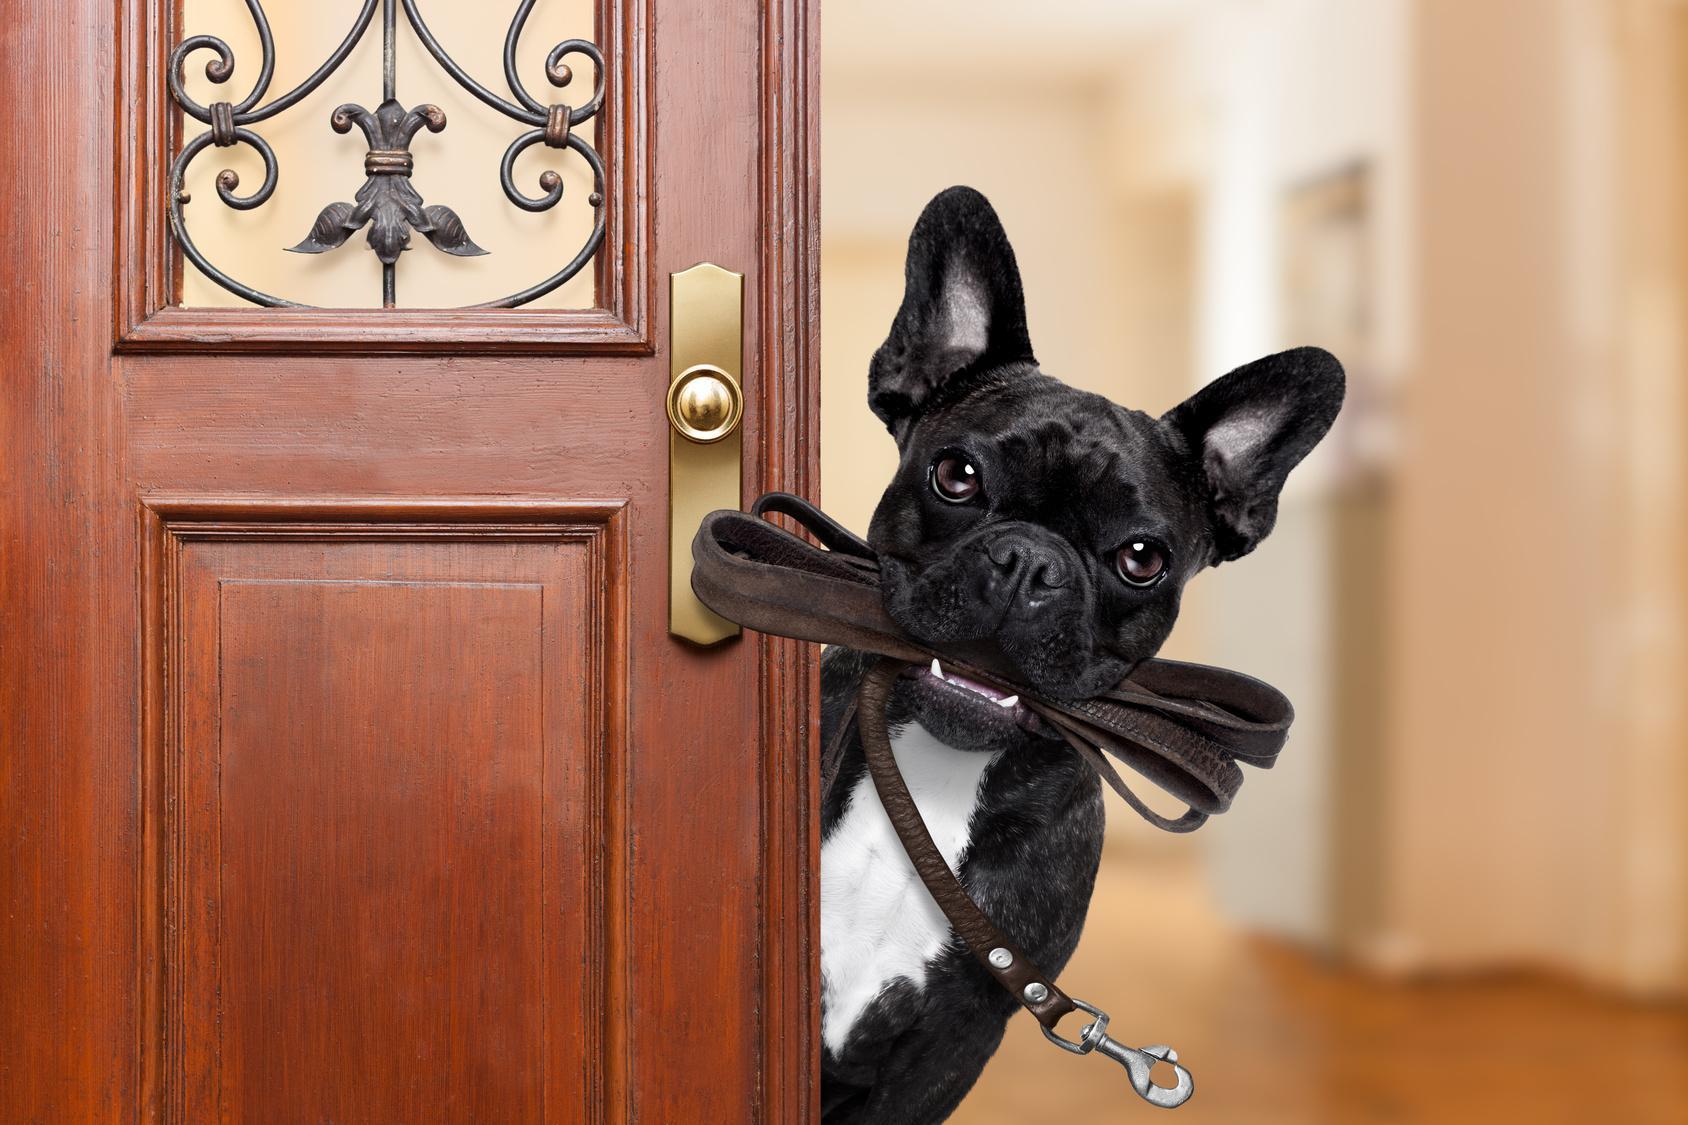 Wie oft muss die Französische Bulldogge raus?